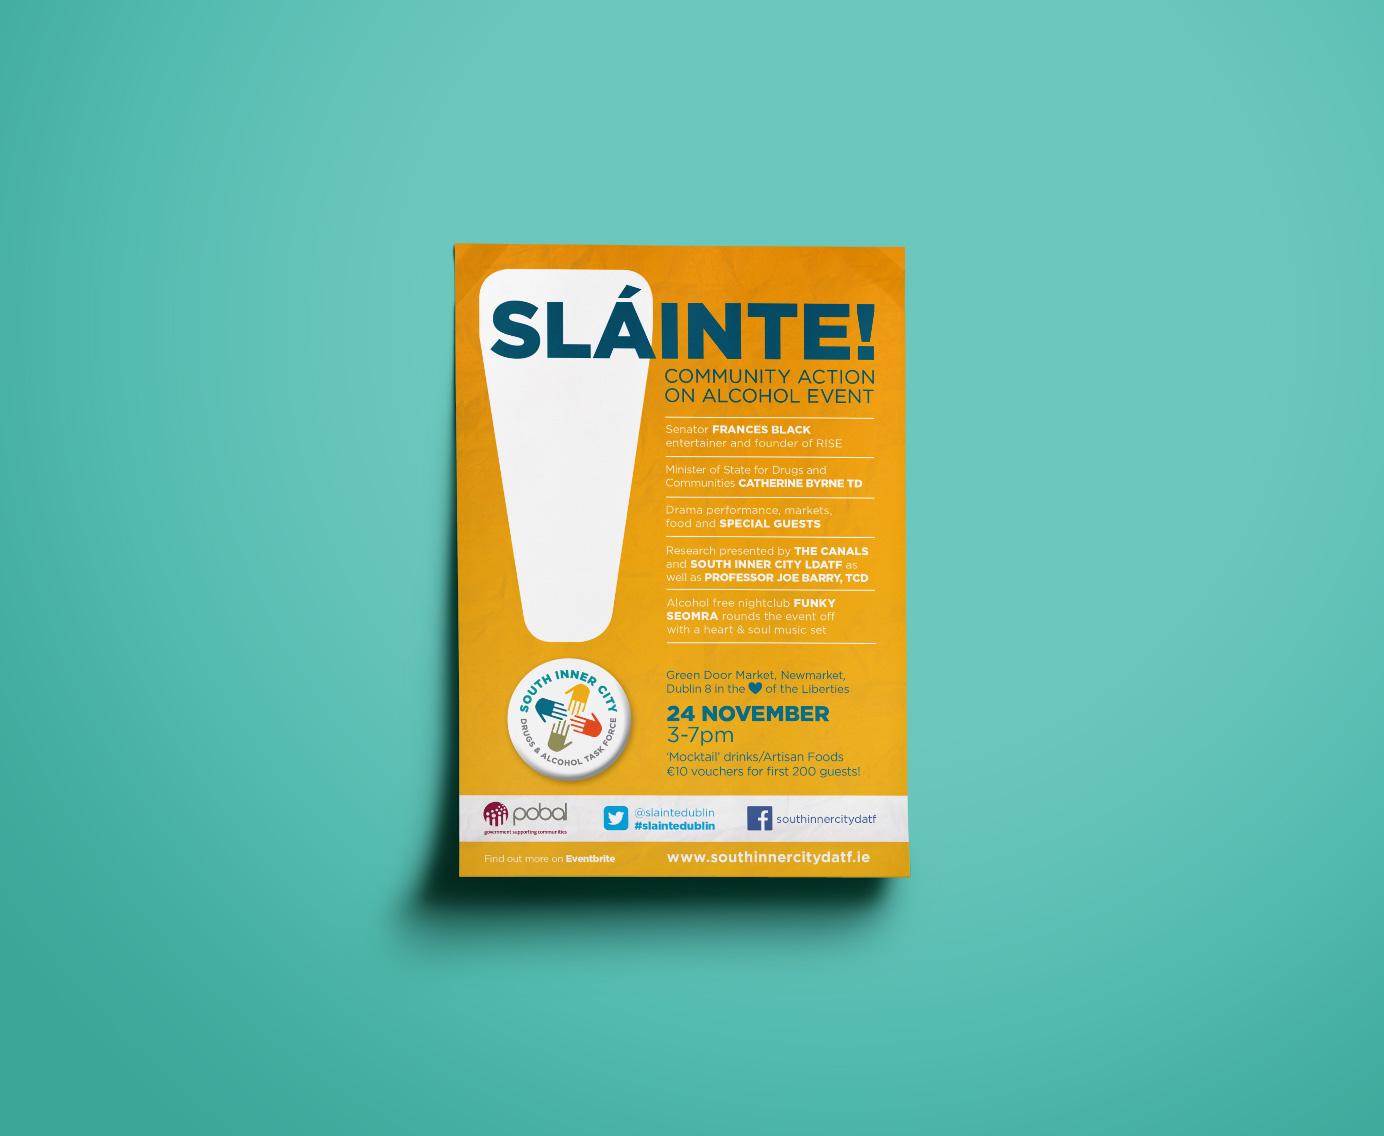 SICDTF_A3-Slainte_Poster-1.jpg